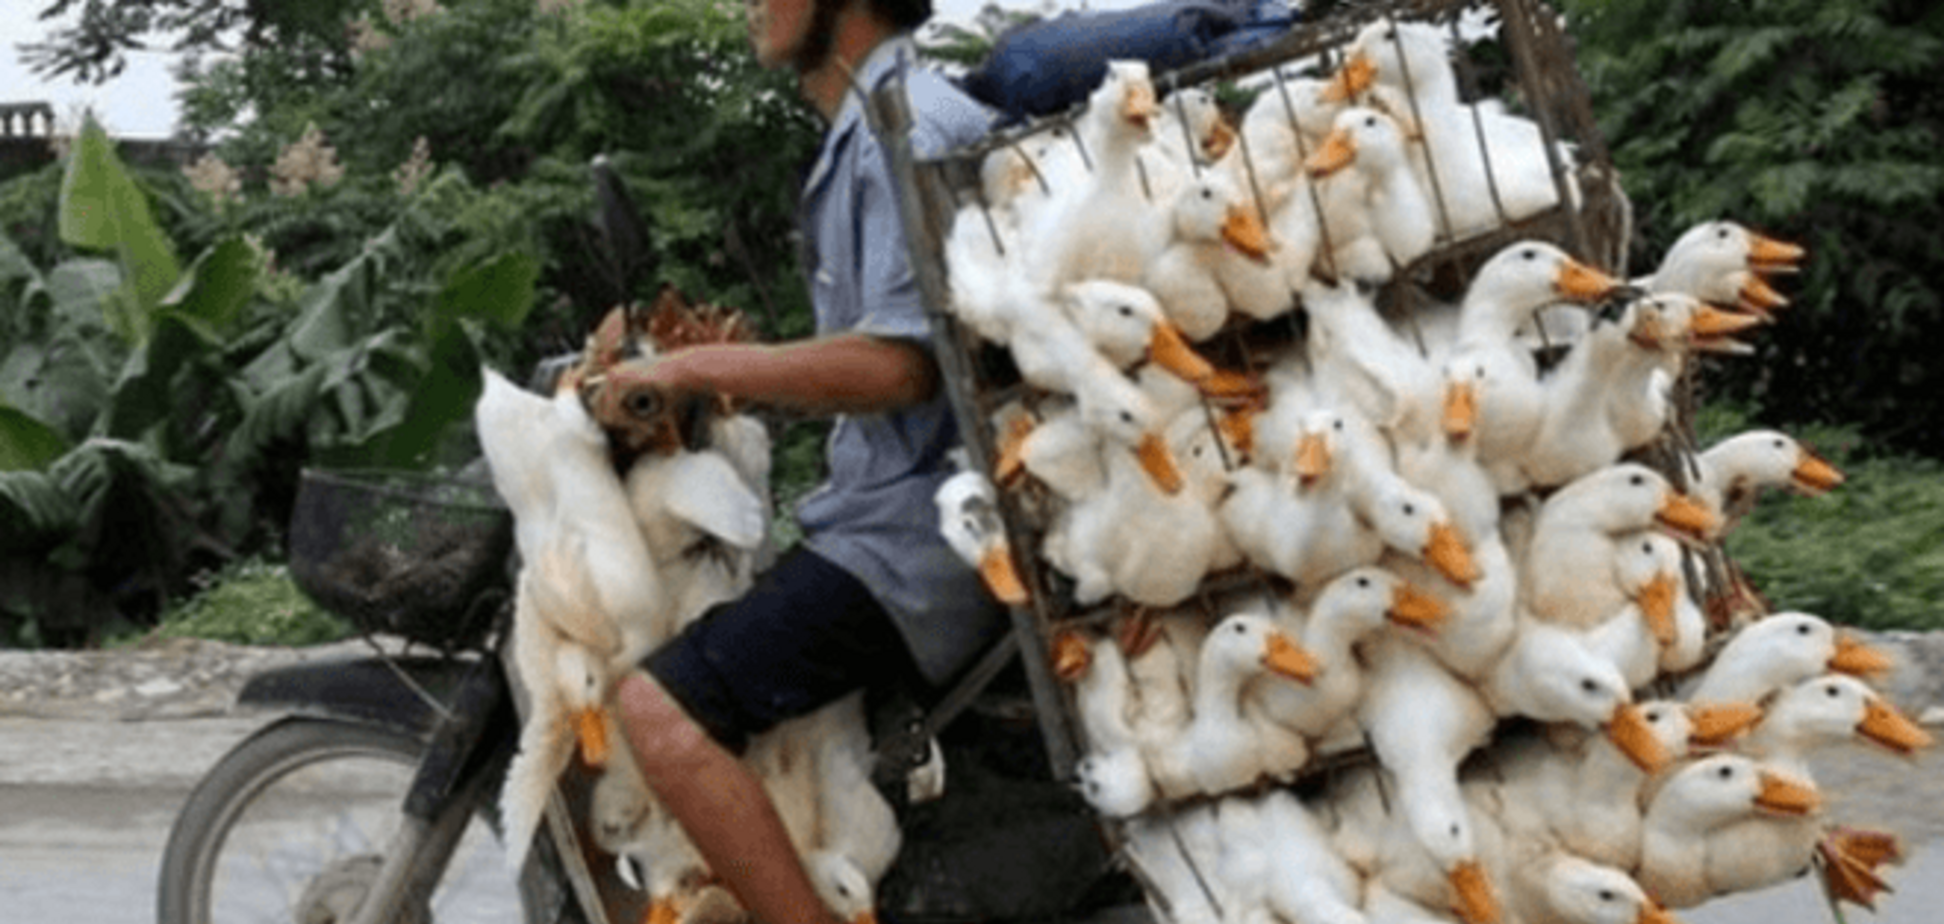 'Дебилы, сэр!' Пользователи высмеяли уничтожение трех гусей в России